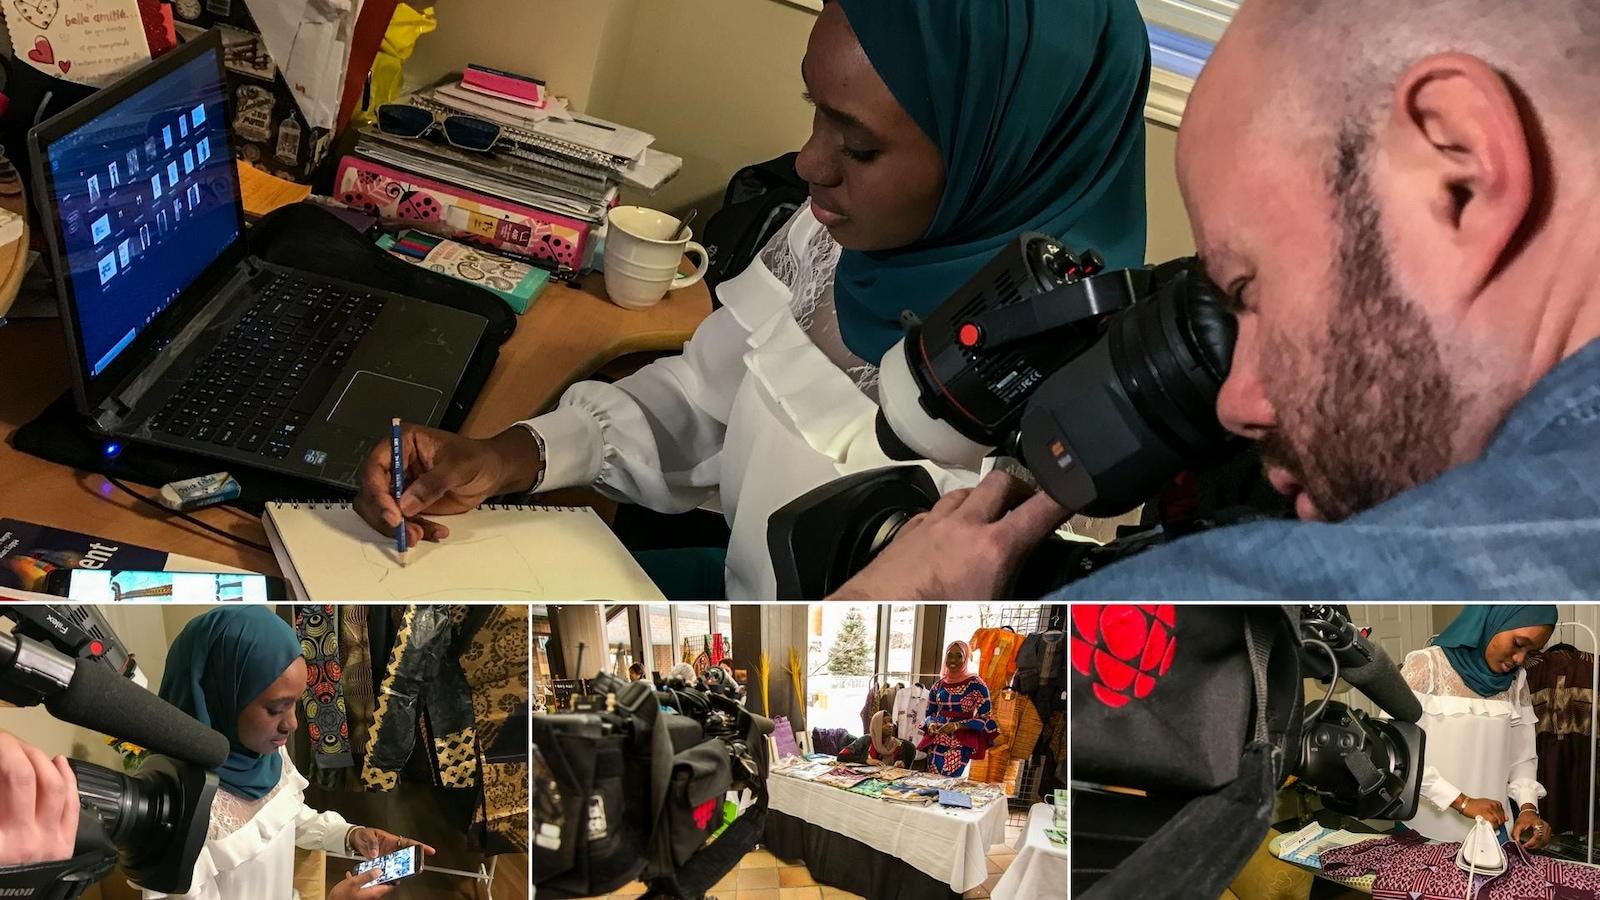 Un montage photo montrant Gaye Abdoul Sy devant un ordinateur, en train d'utiliser son téléphone intelligent, debout à un kiosque et en train de repasser.